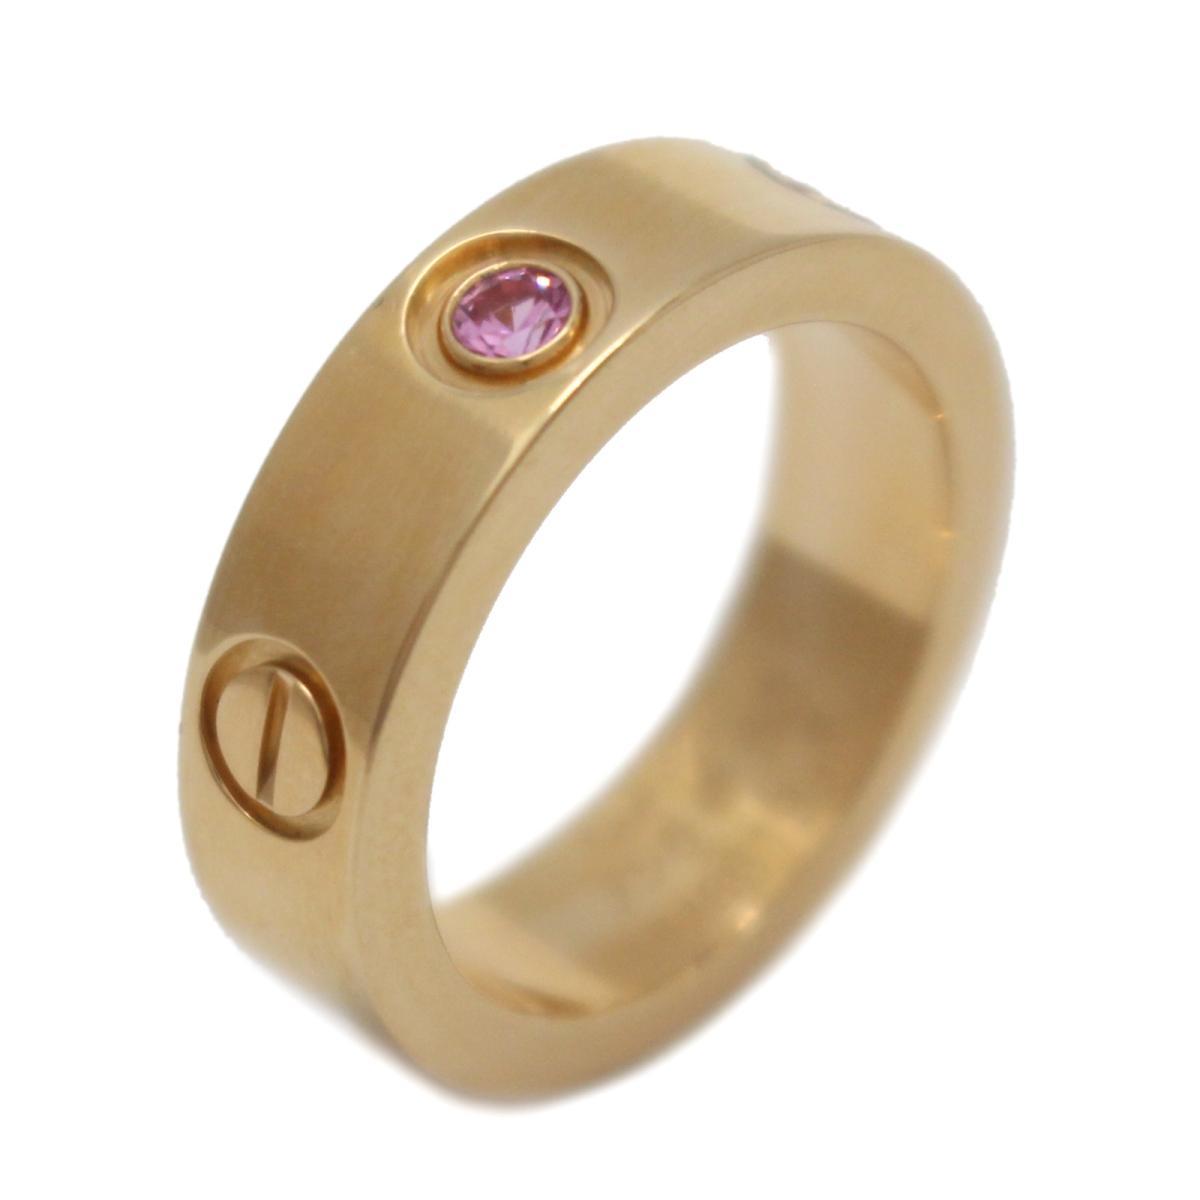 【中古】 カルティエ ラブリング 1Pピンクサファイア 指輪 レディース K18PG (750) ピンクゴールド x ピンクサファイア (1P)   Cartier BRANDOFF ブランドオフ ブランド ジュエリー アクセサリー リング